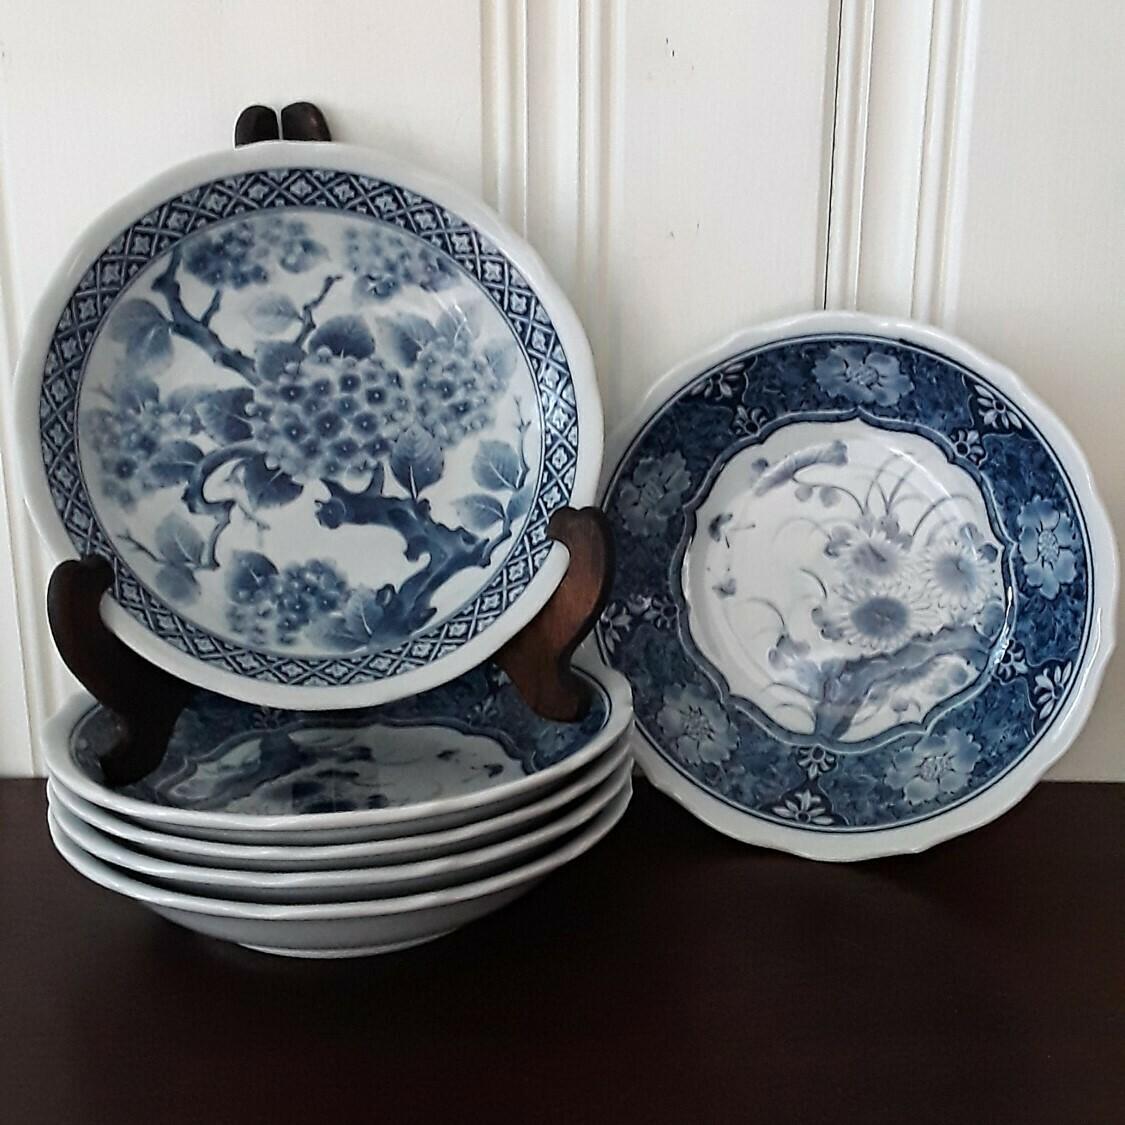 Set of 6 Vintage Blue and White Japanese Porcelain Floral Bowls